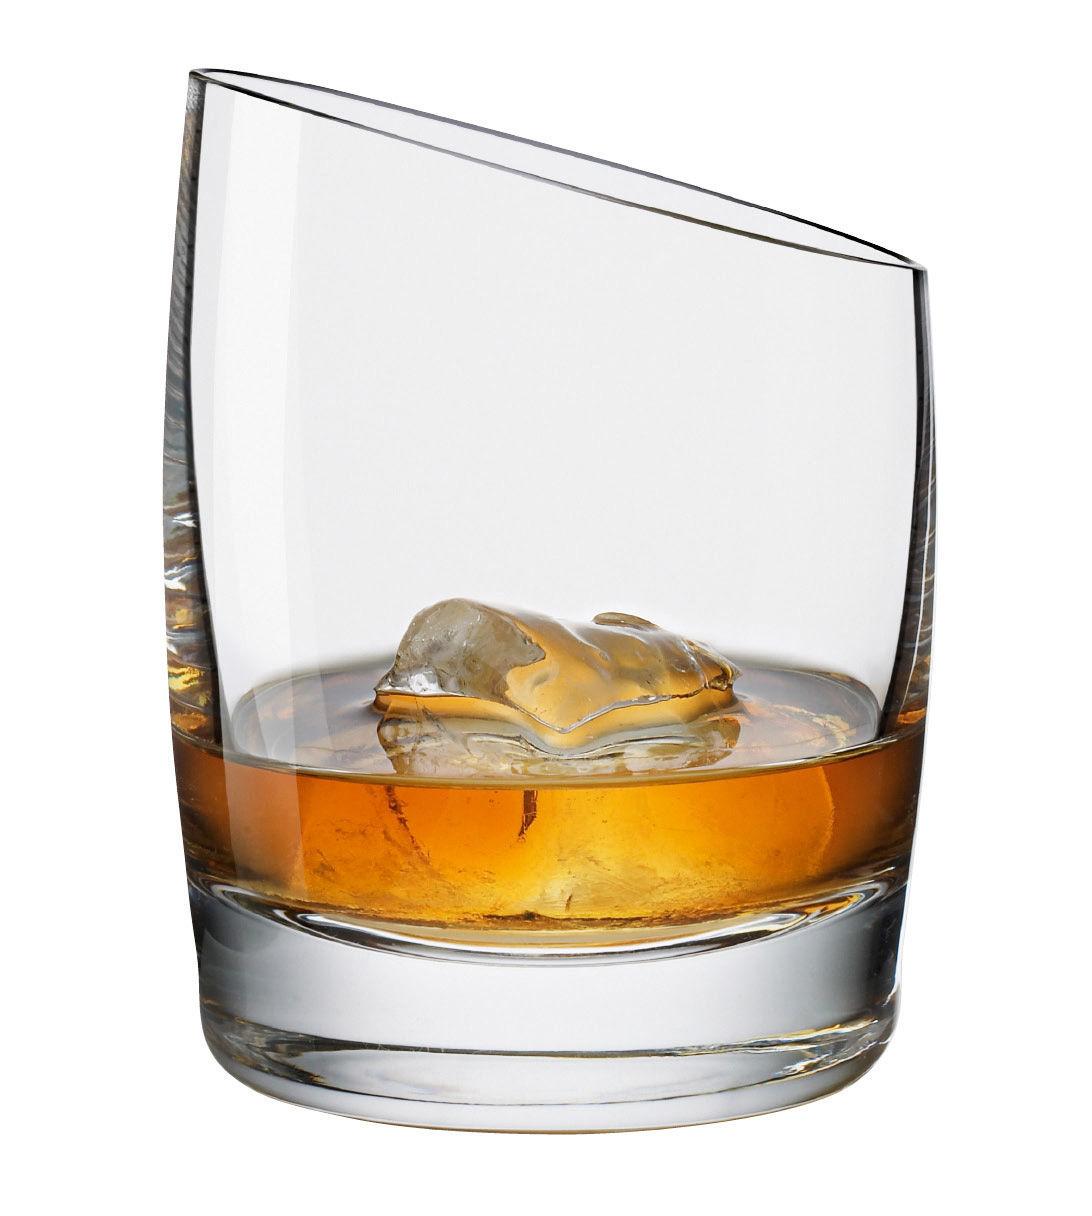 Arts de la table - Verres  - Verre à whisky - Eva Solo - Whisky - Verre soufflé bouche